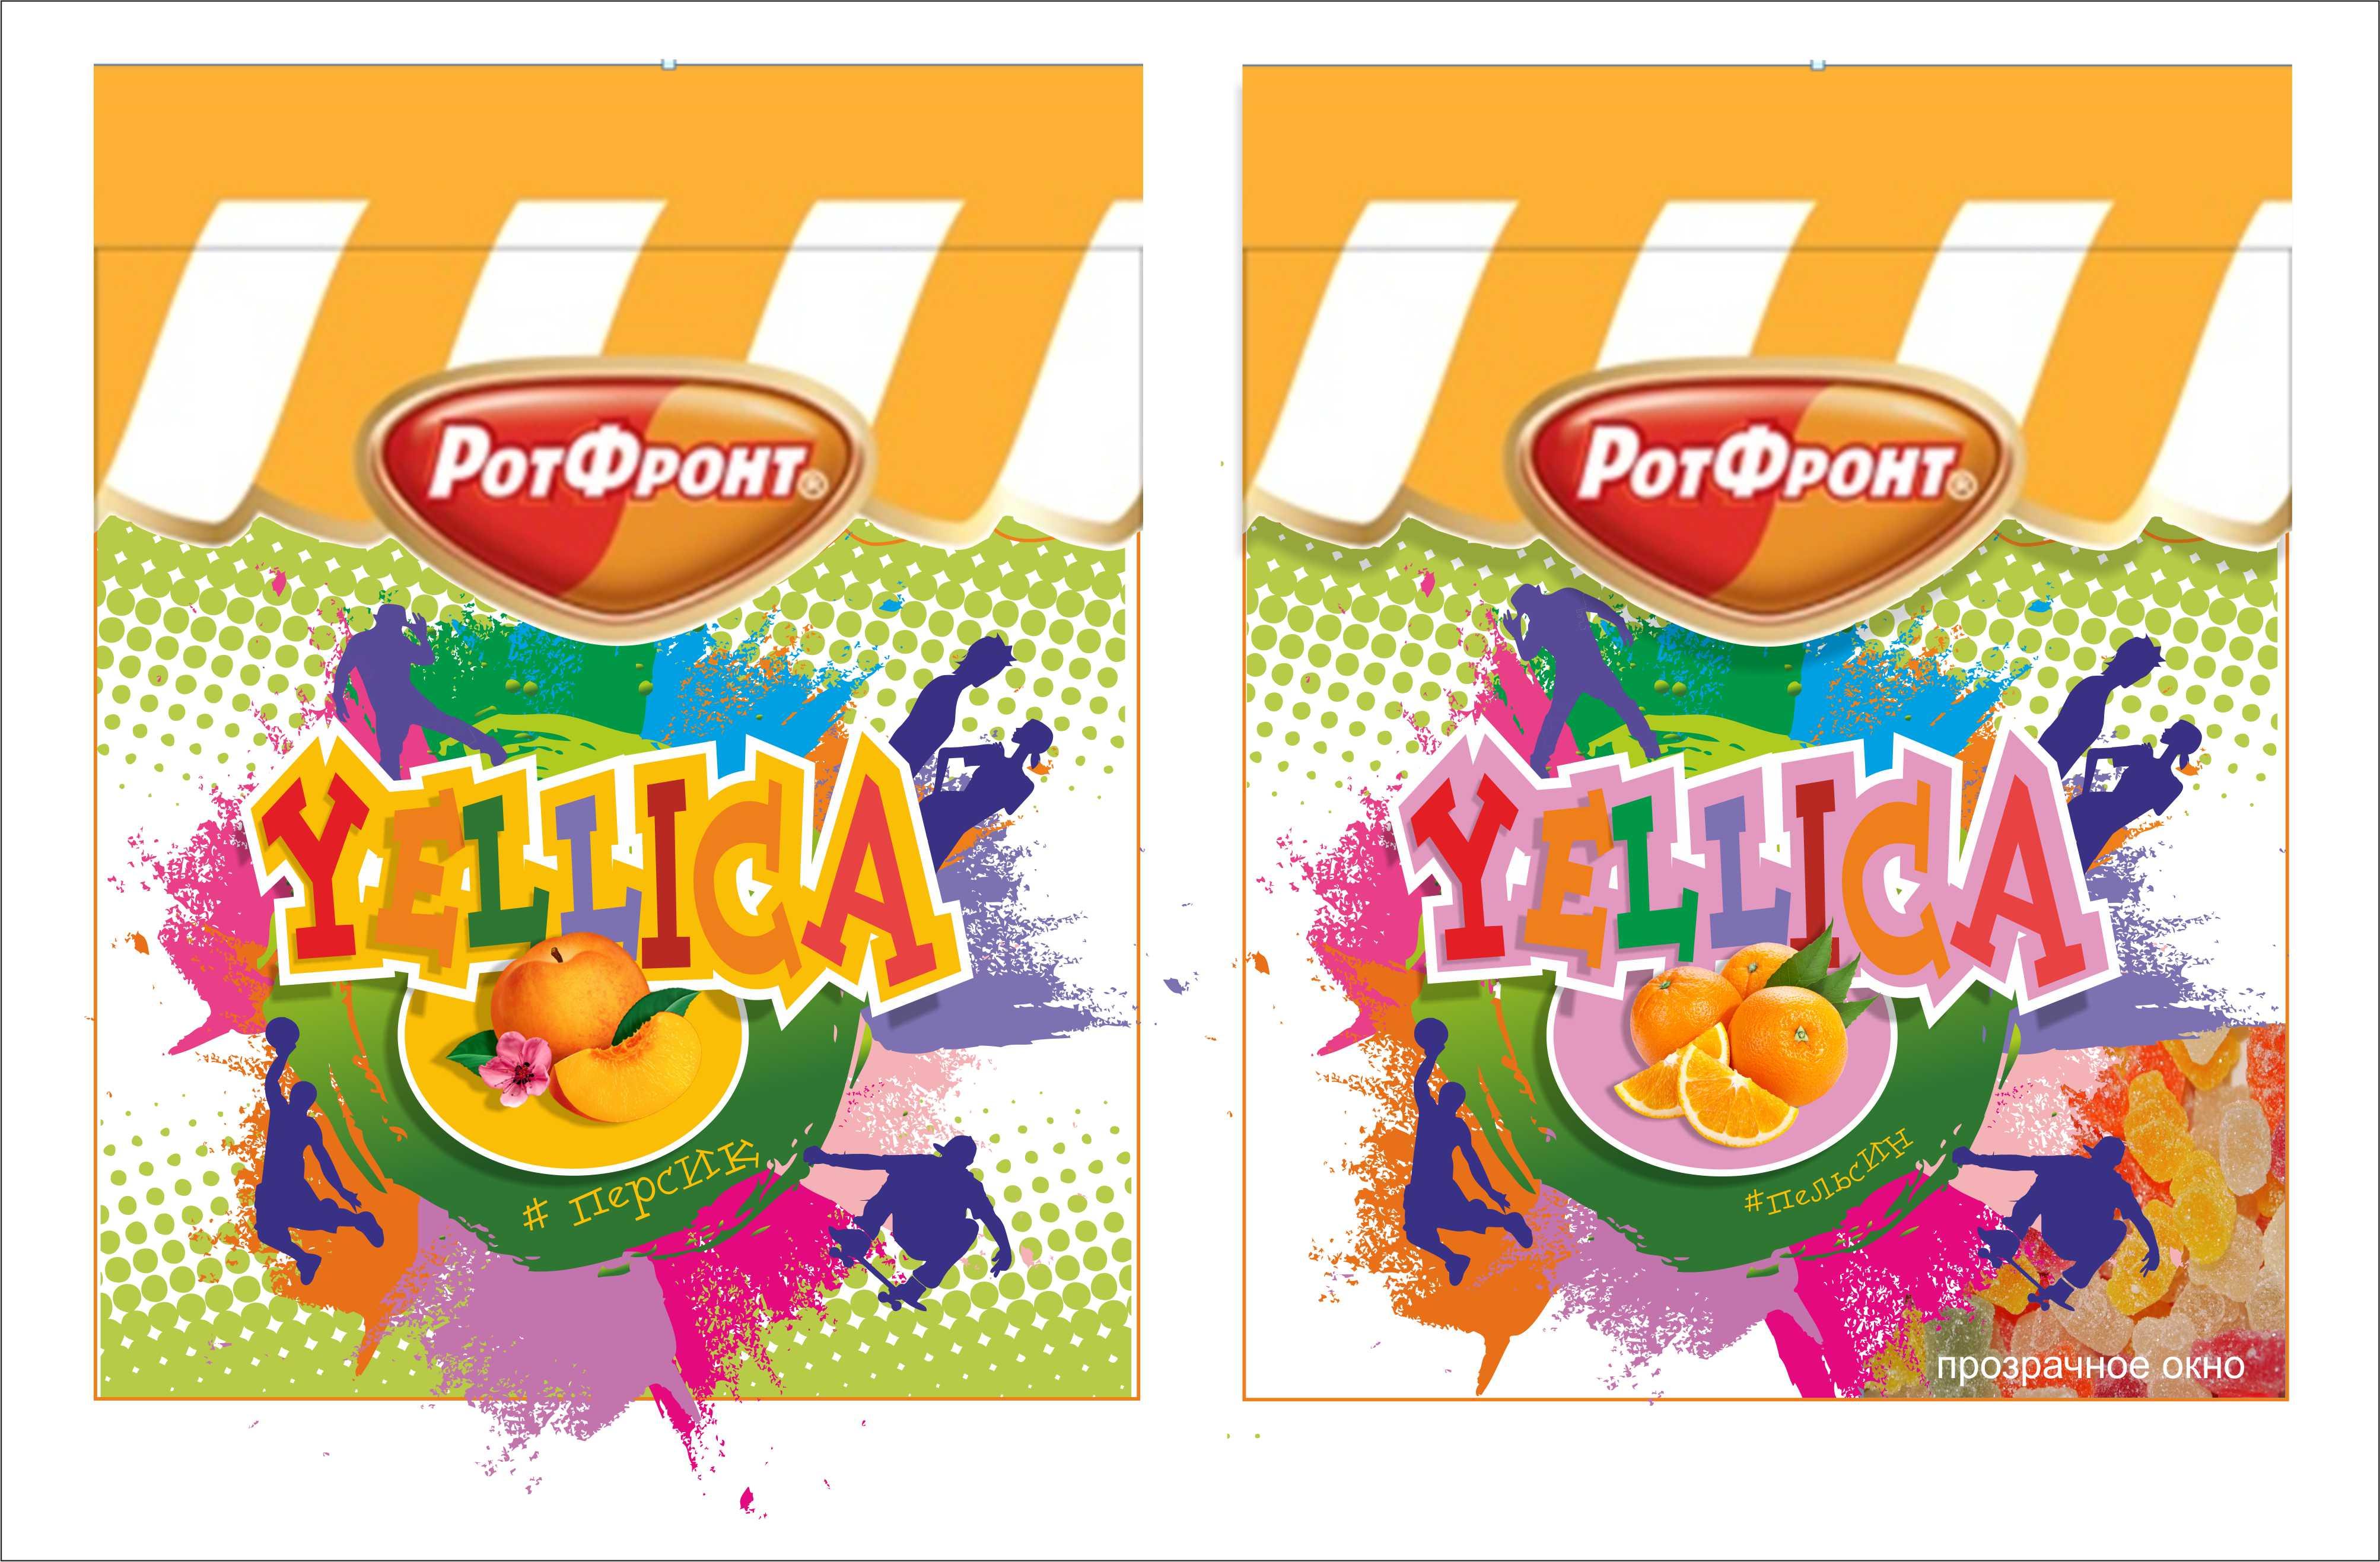 Разработка дизайна упаковки для желейных конфет от Рот Фронт фото f_8535a59d0f3d1acb.jpg